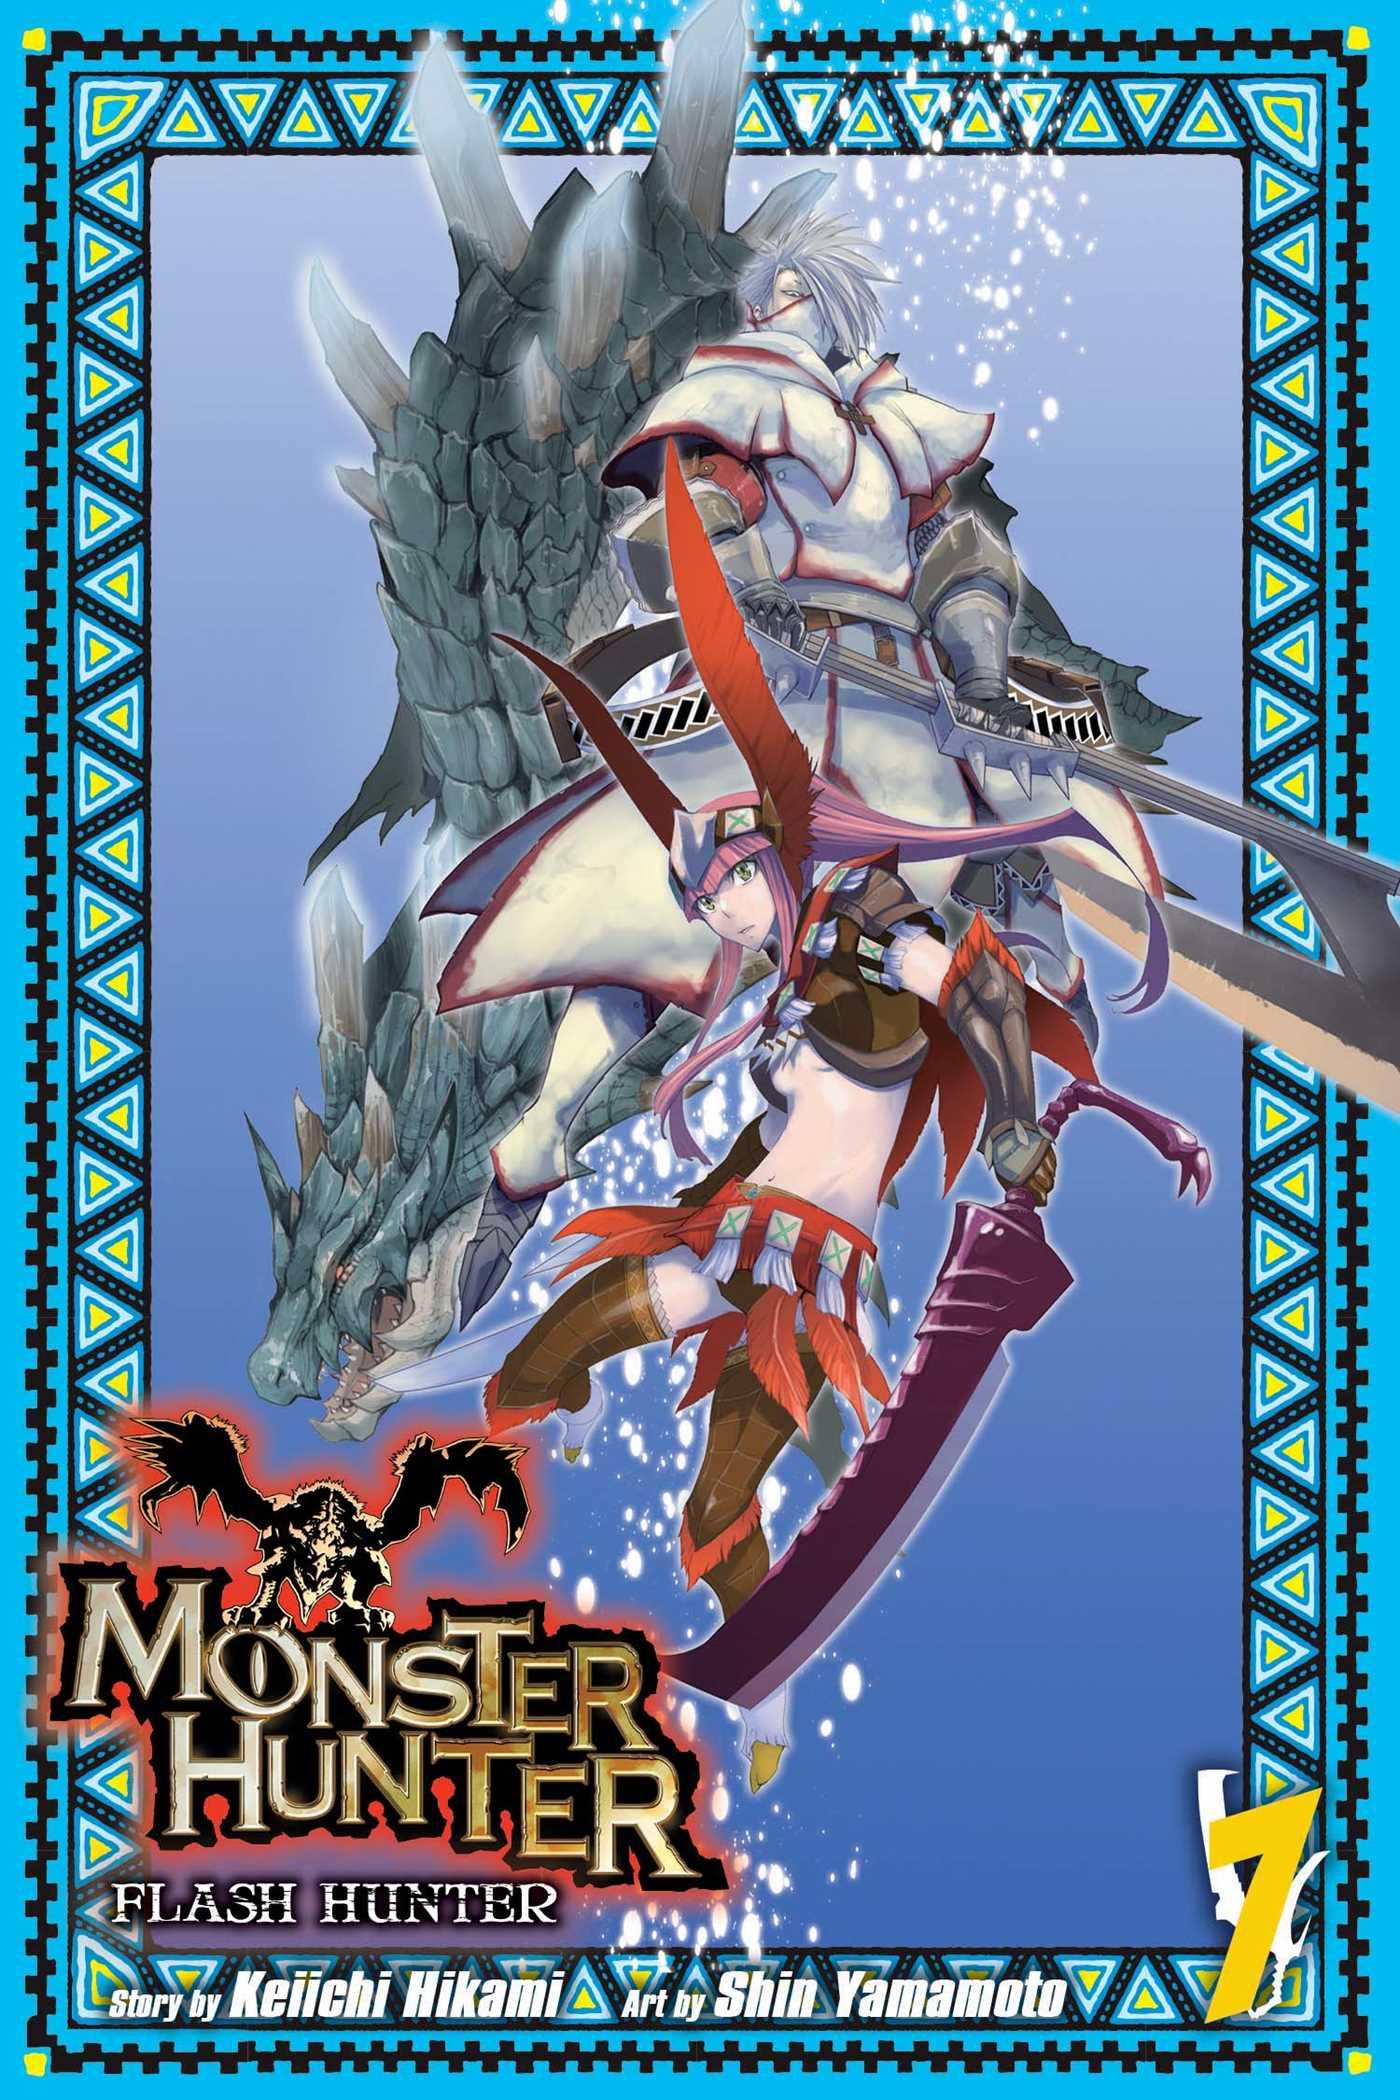 Monster hunter flash hunter vol 7 9781421584324 hr